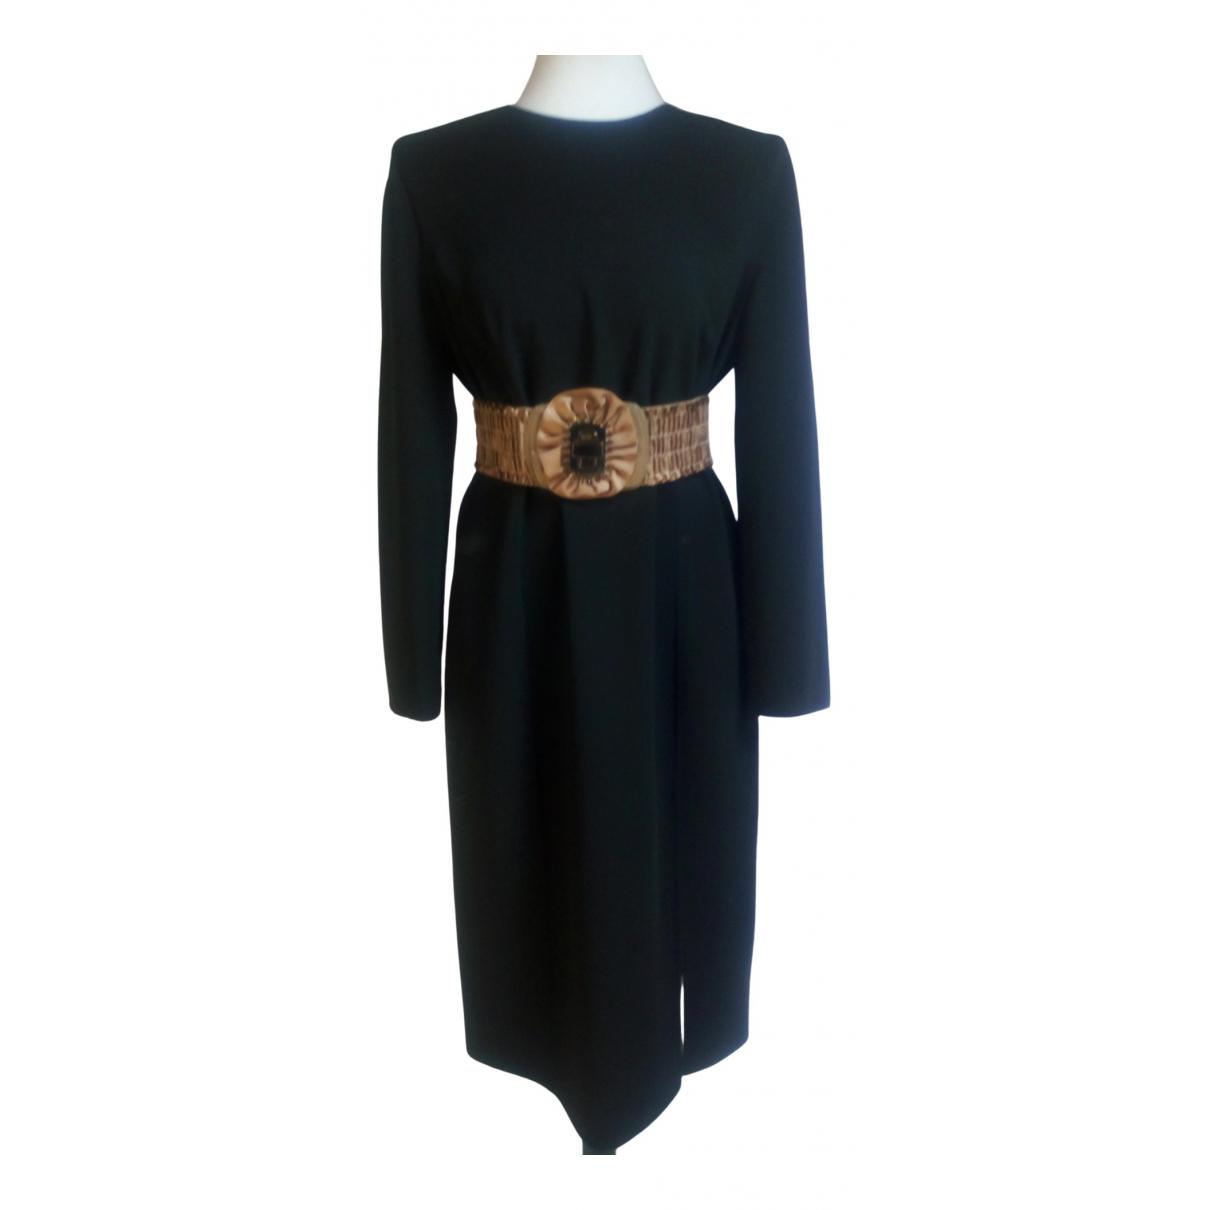 Celine \N Black Wool dress for Women L International